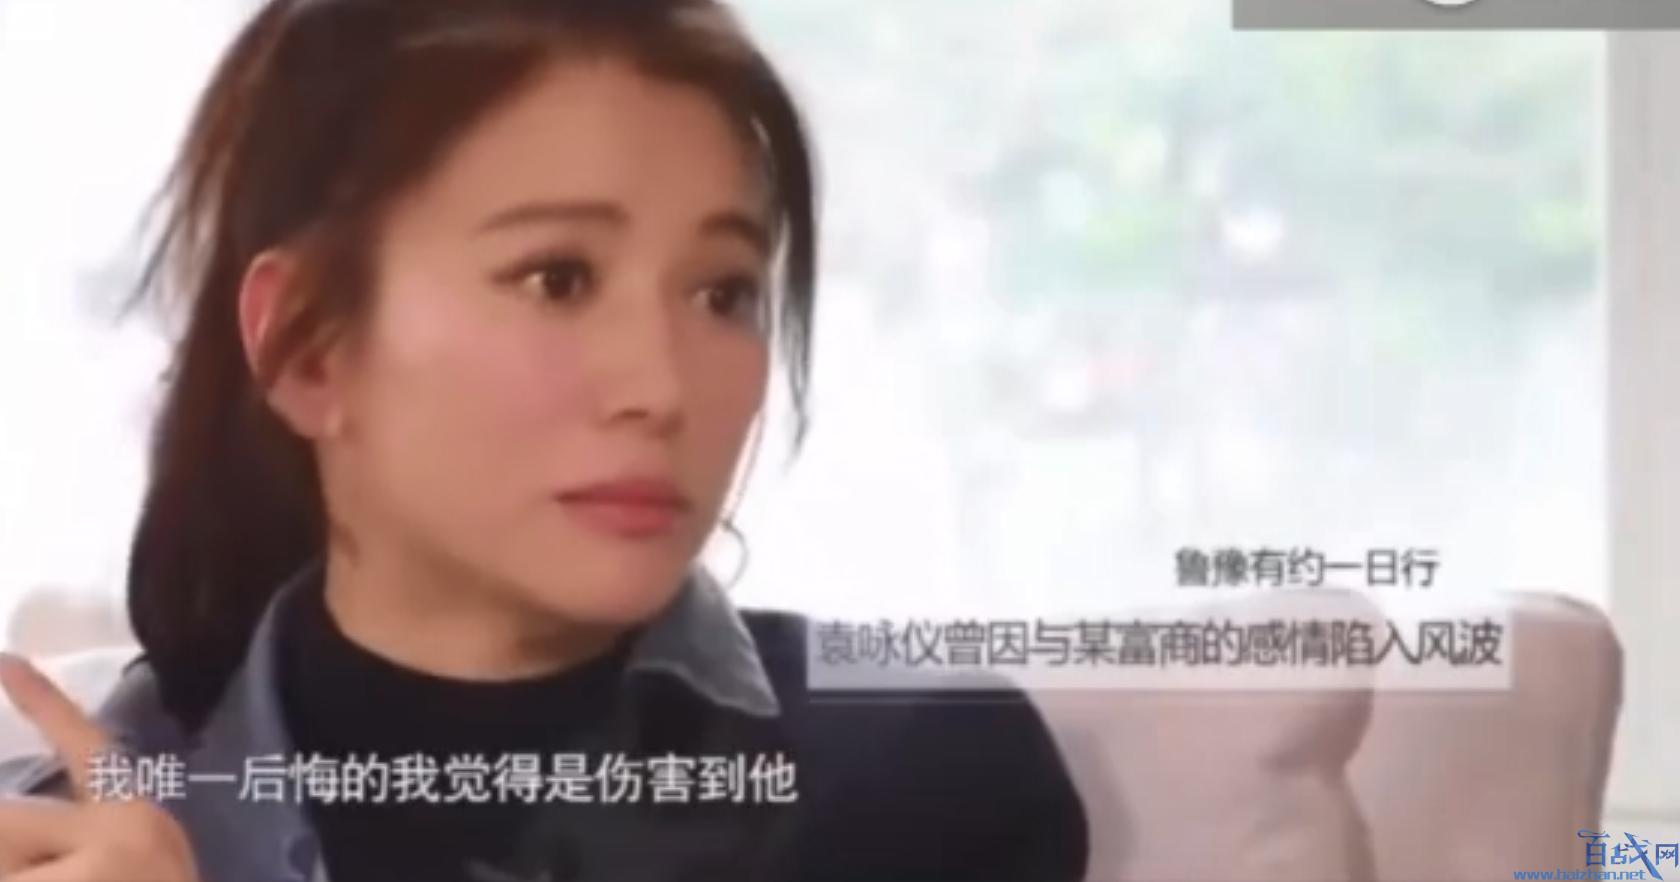 袁咏仪后悔曾伤害张智霖